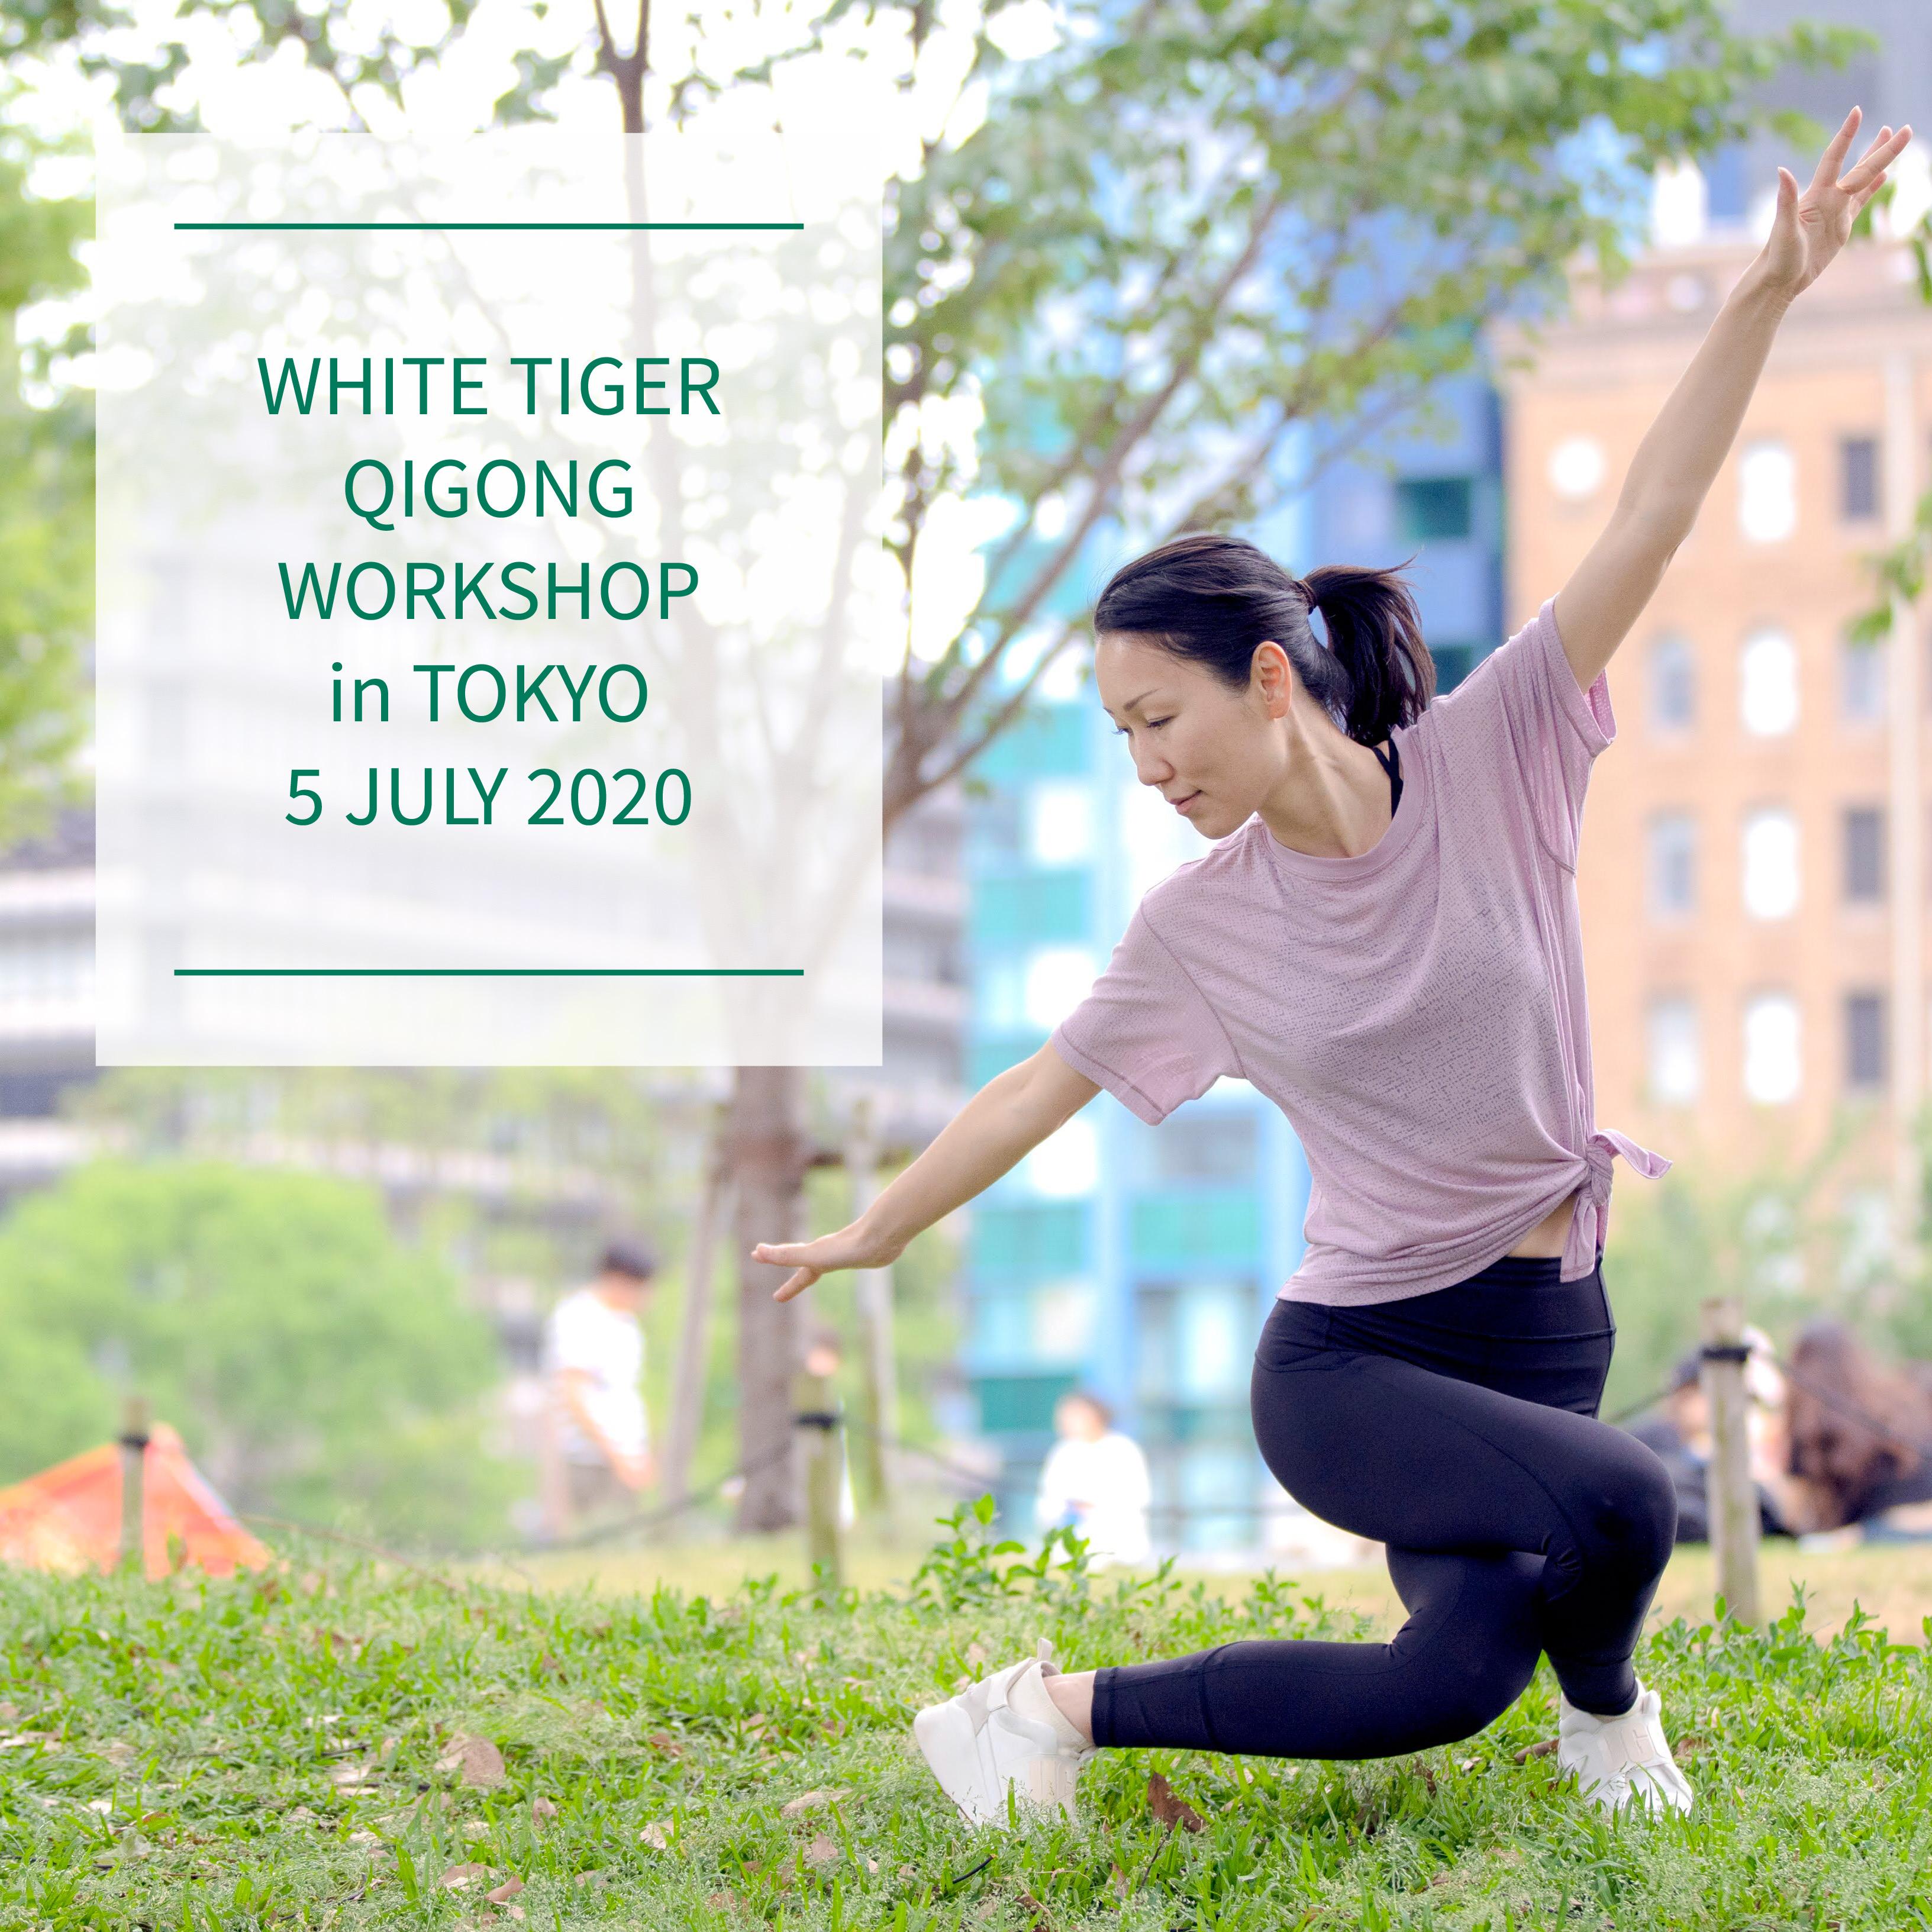 WHITE TIGER QIGONG 気功ワークショップ in 東京